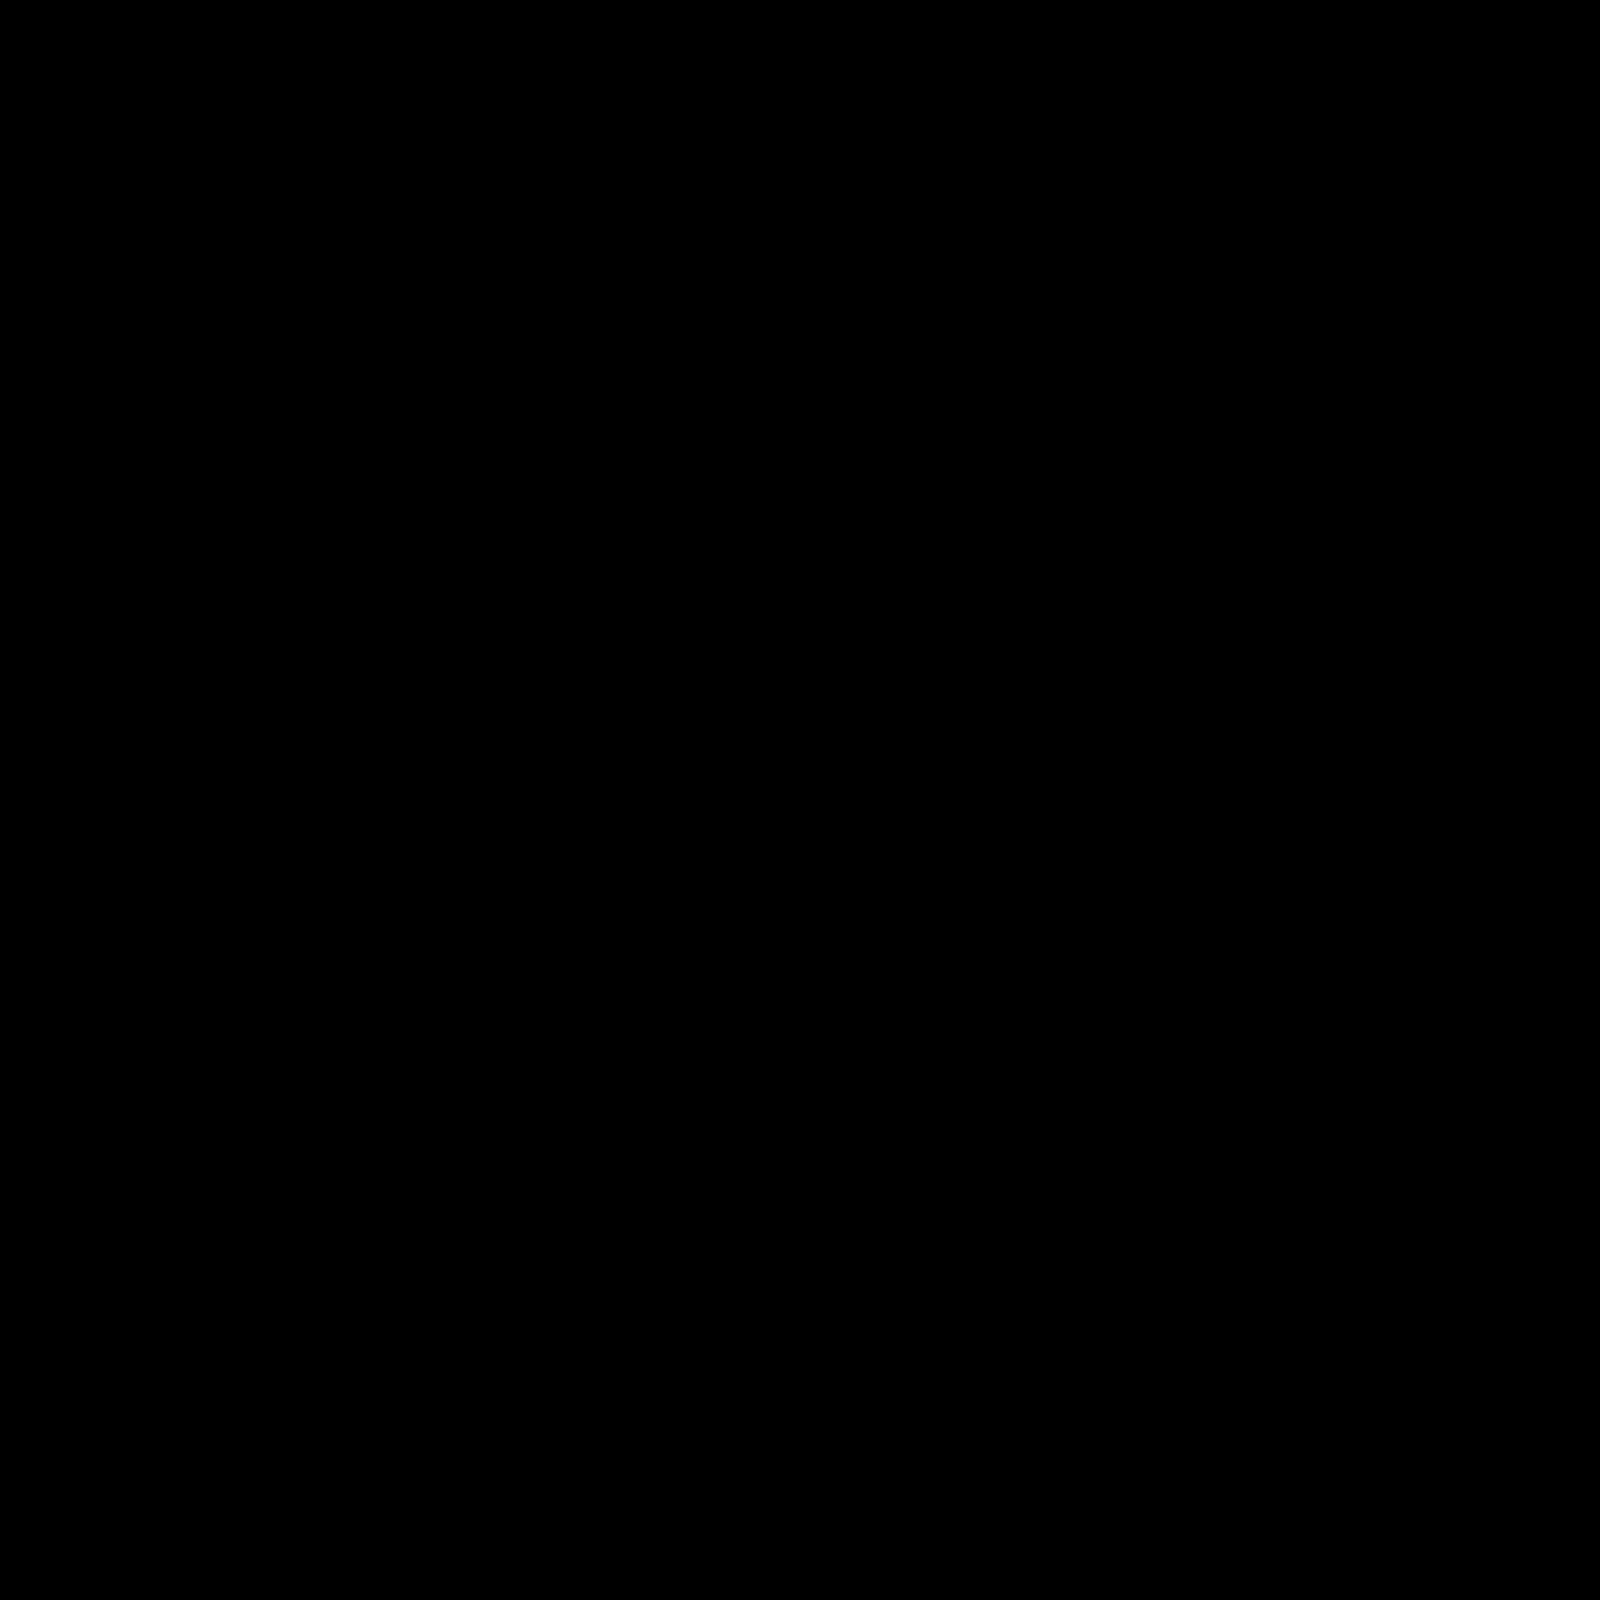 Разделанная рыба icon